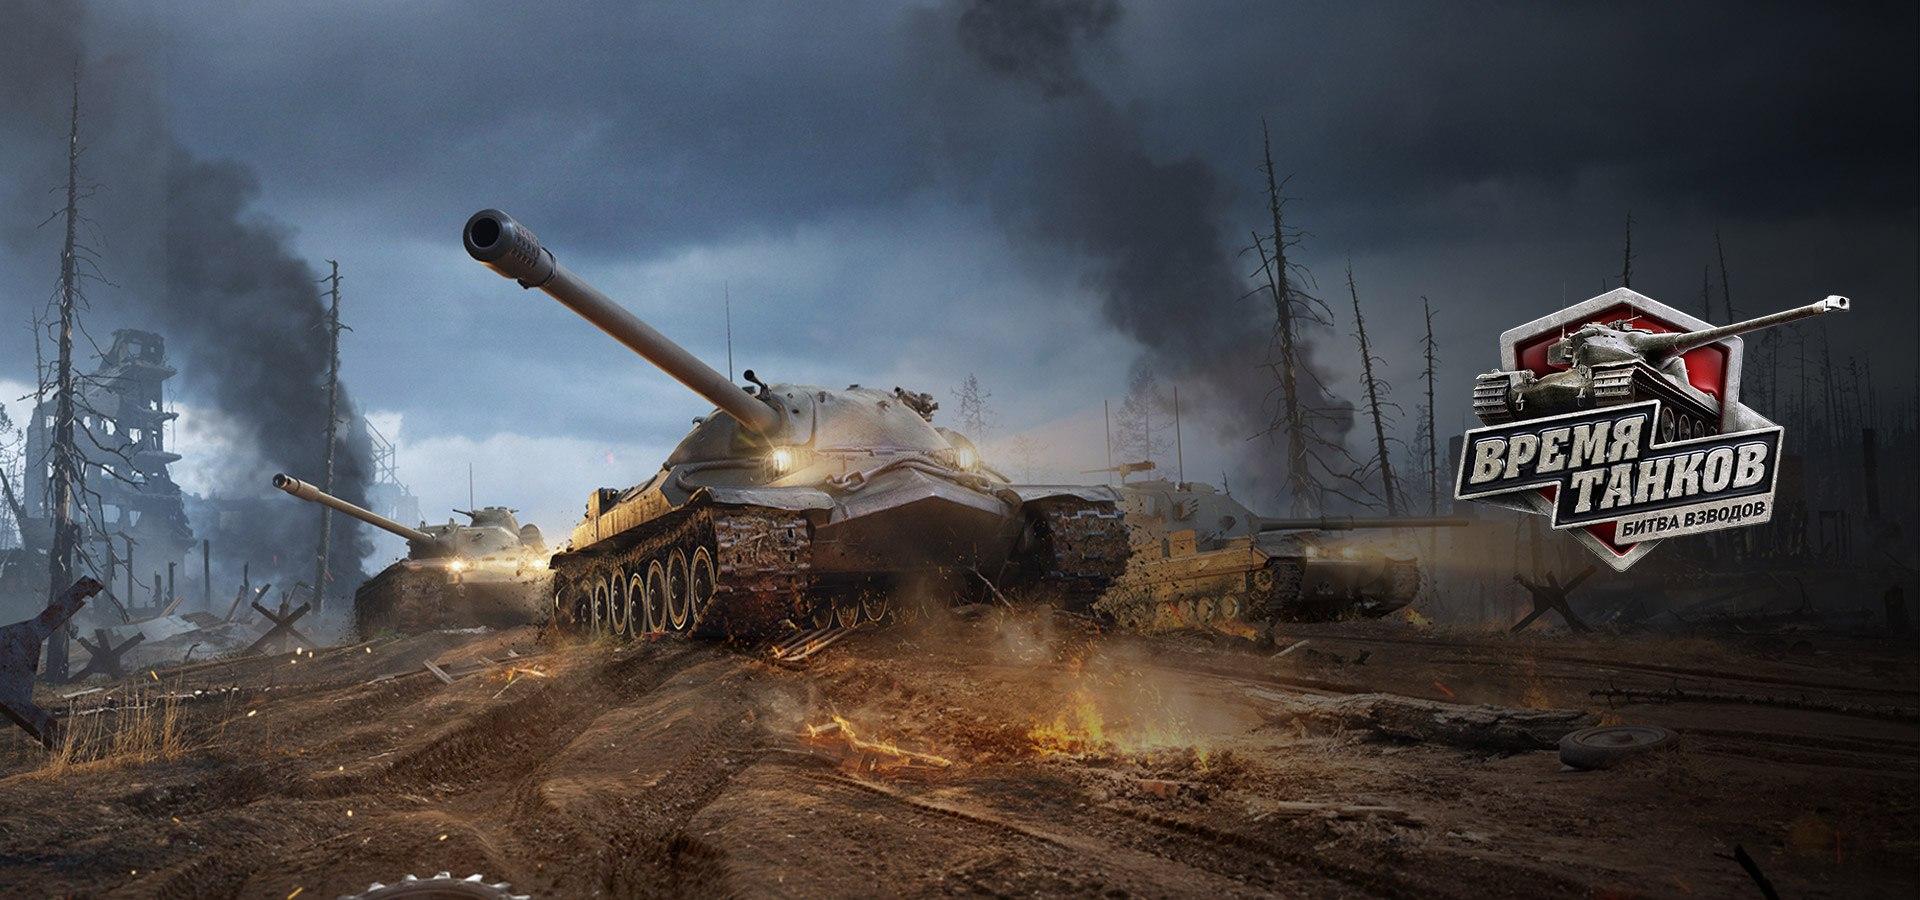 Скоро: «Время танков. Битва взводов» (турнир от WG)